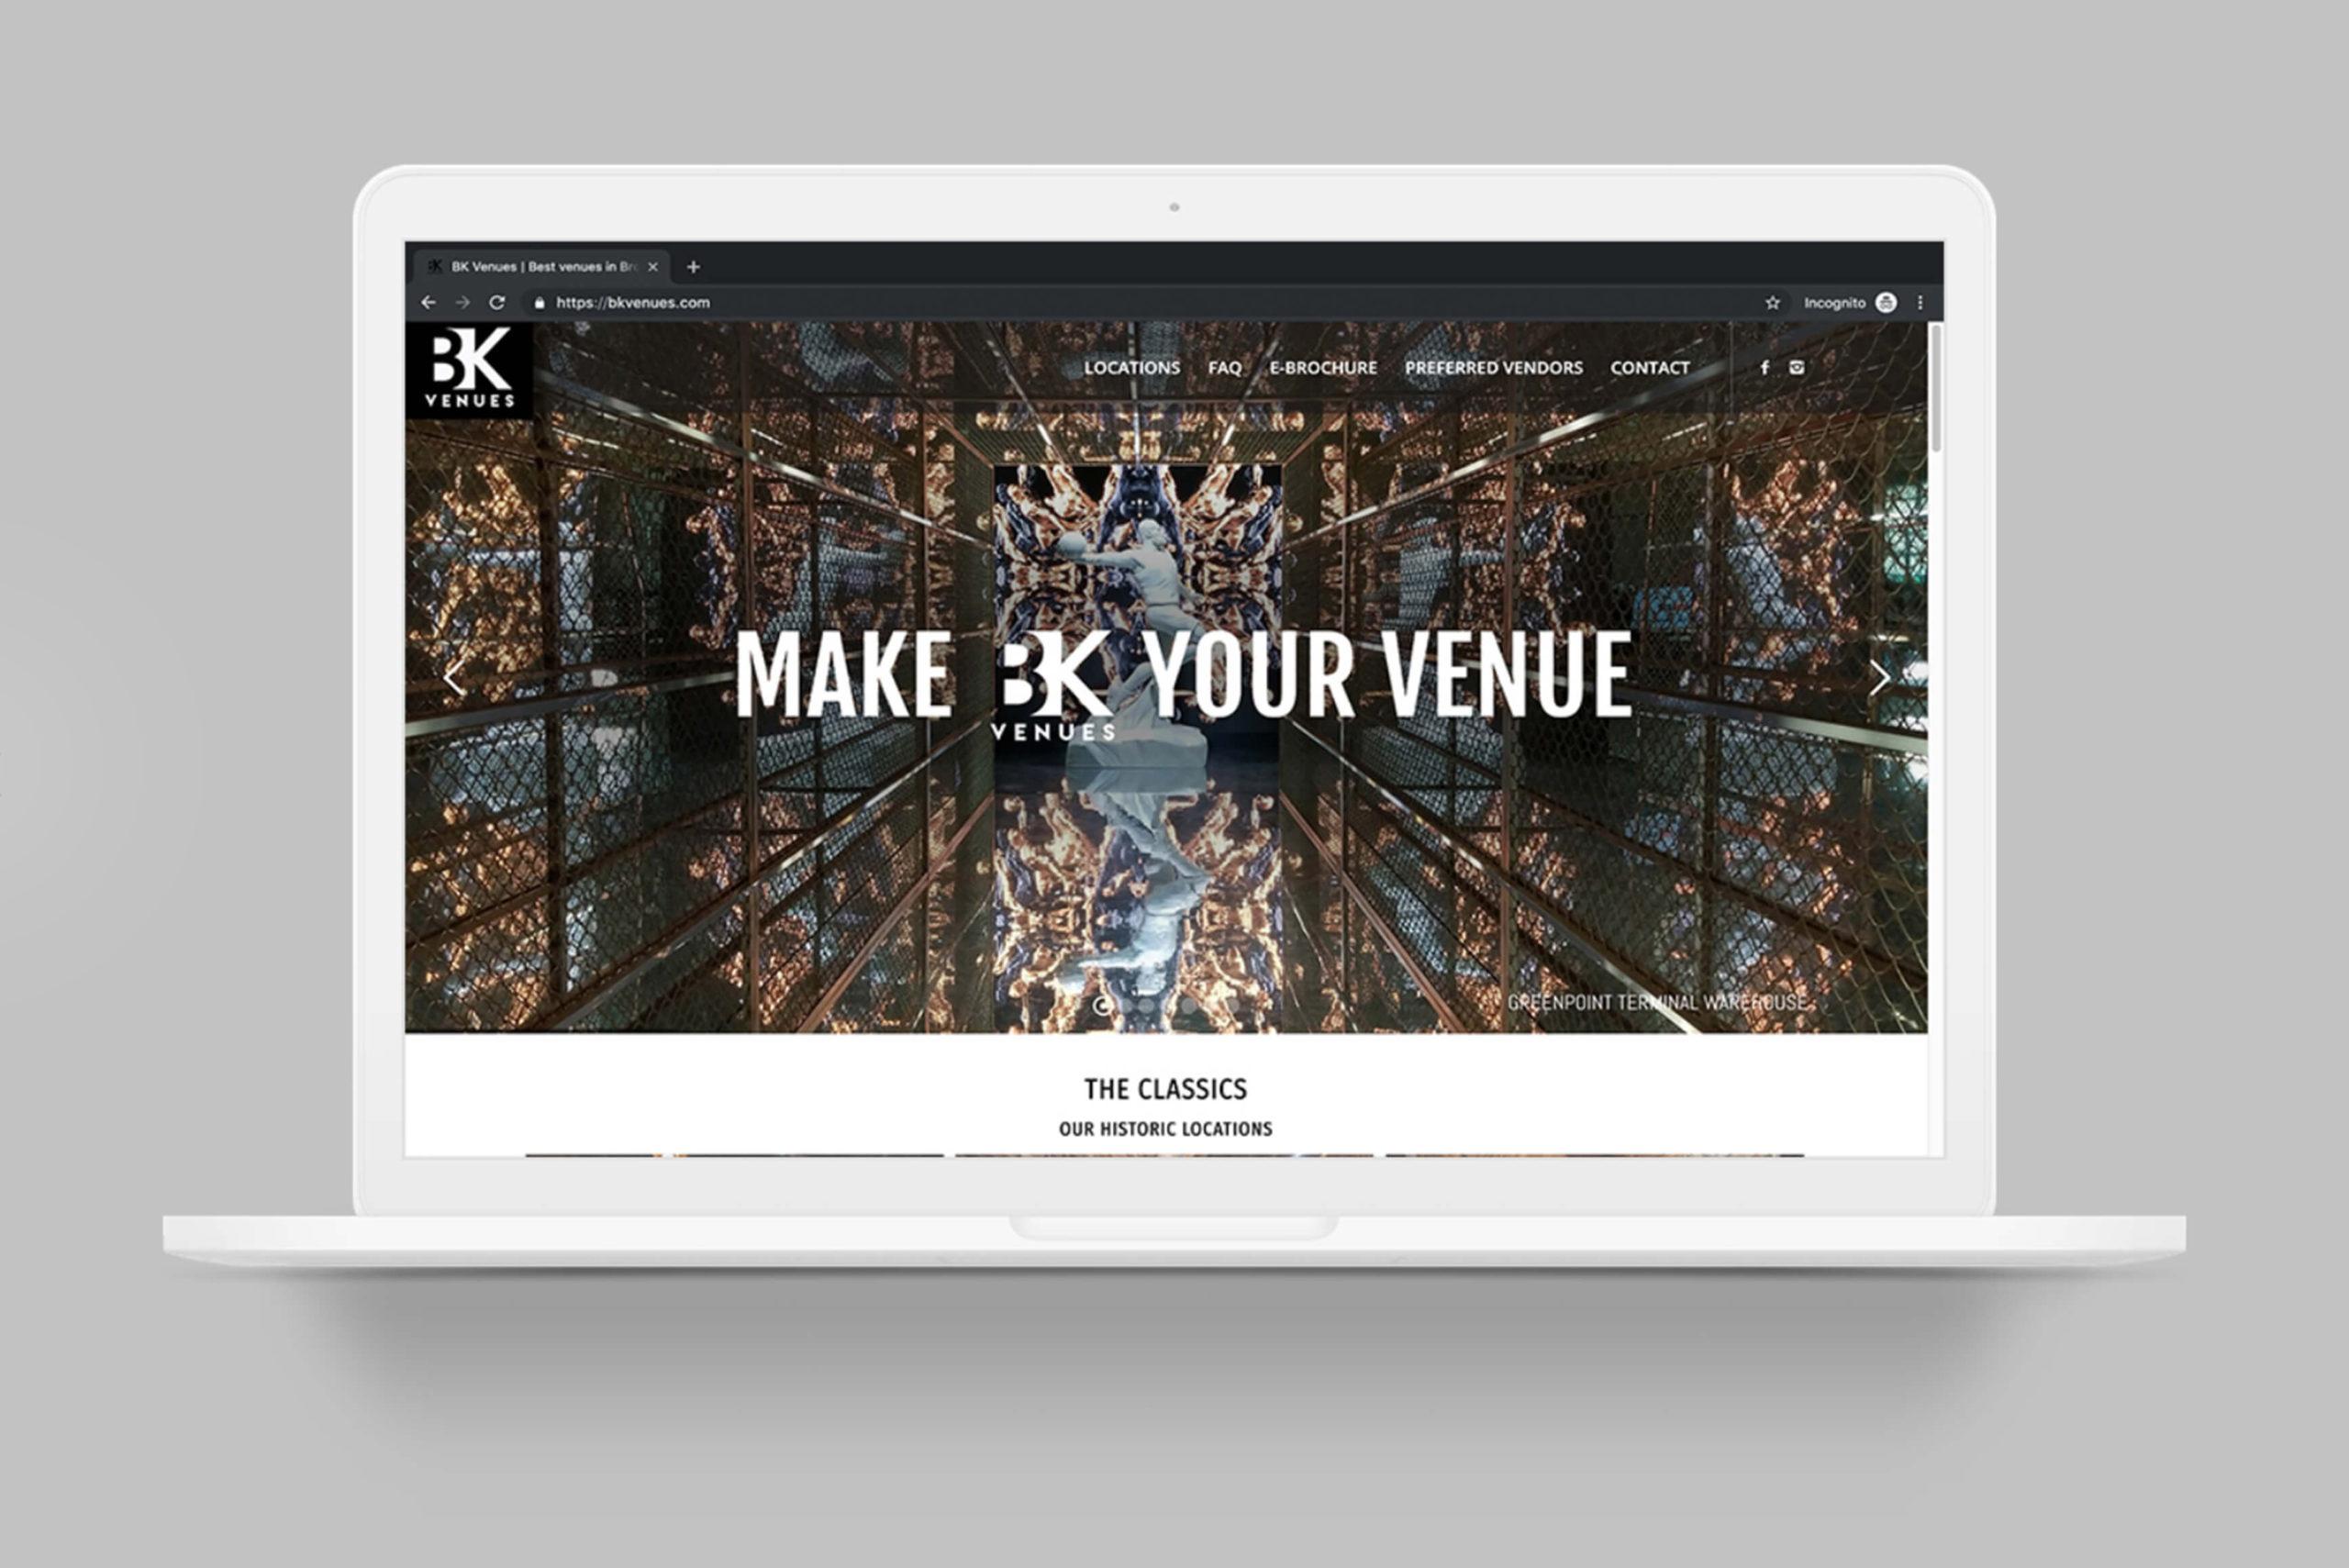 BKVenues.com